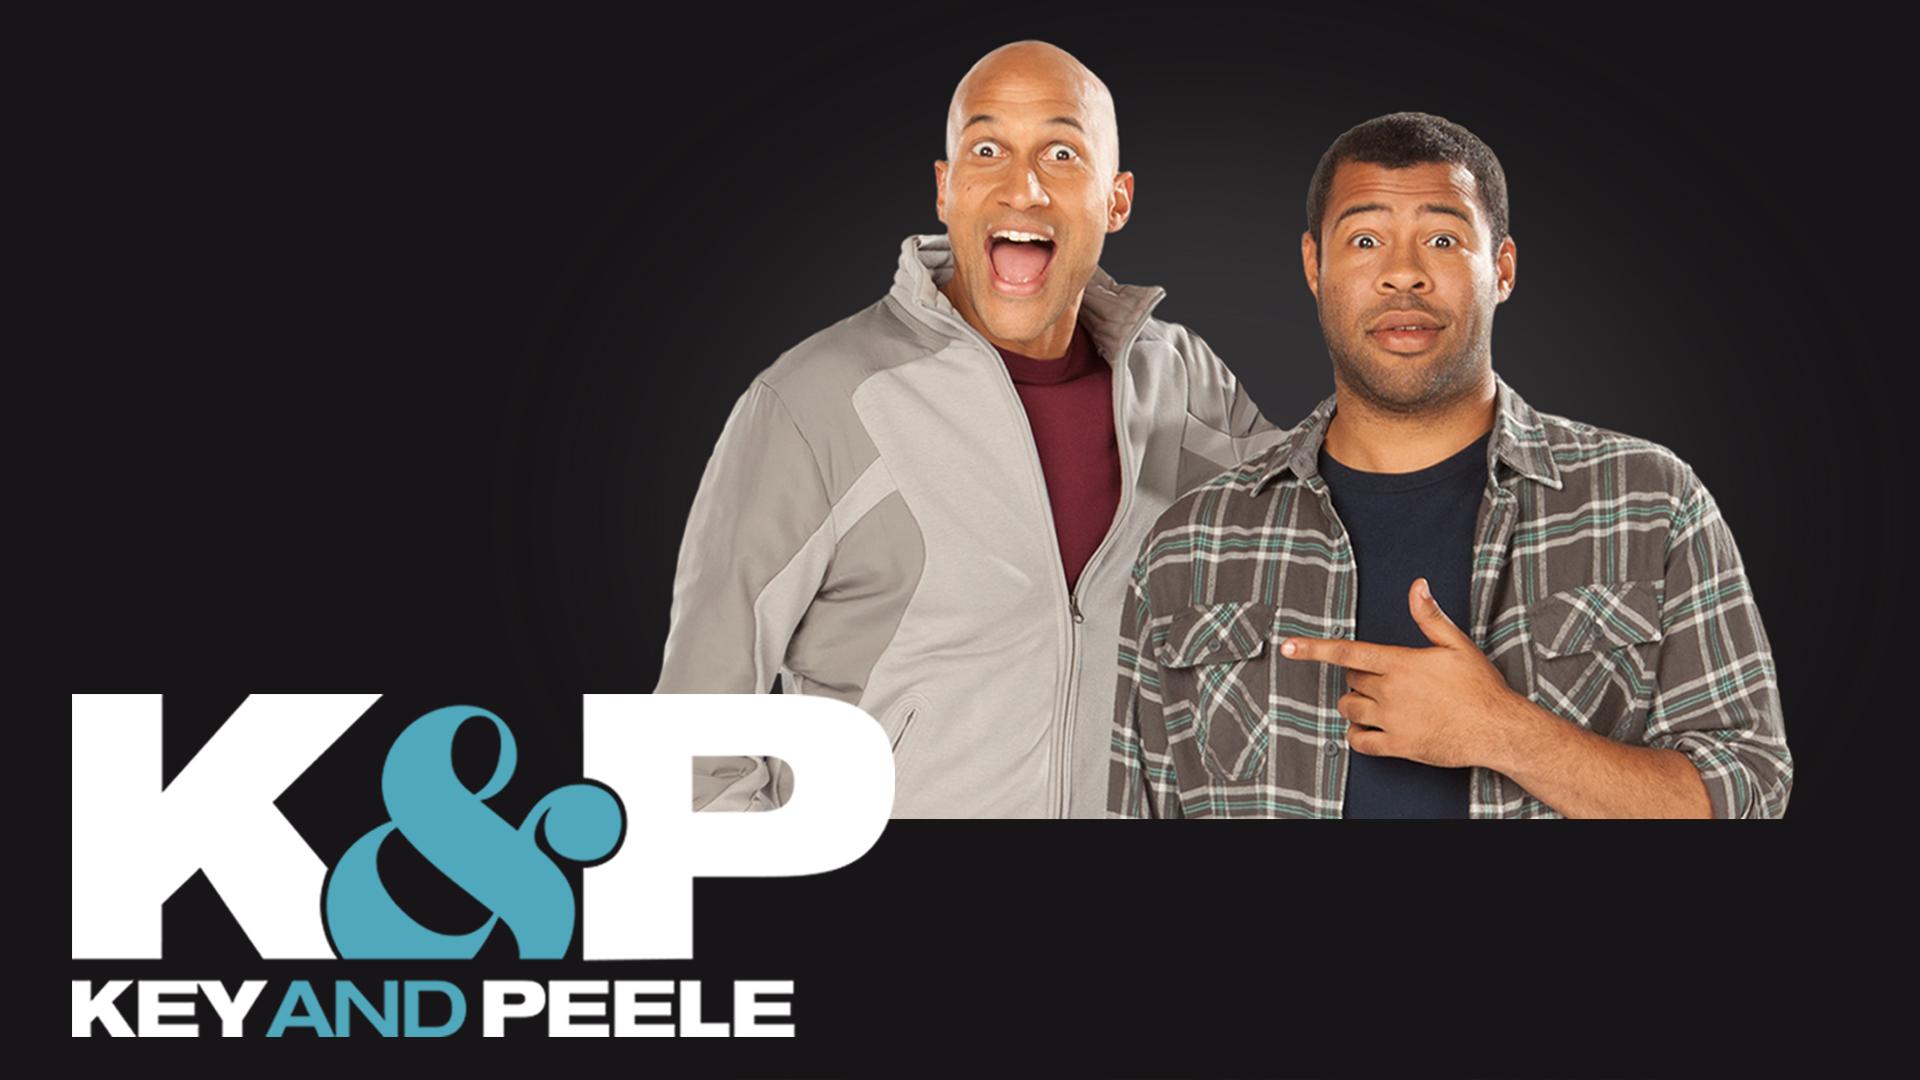 key and peele full episodes free